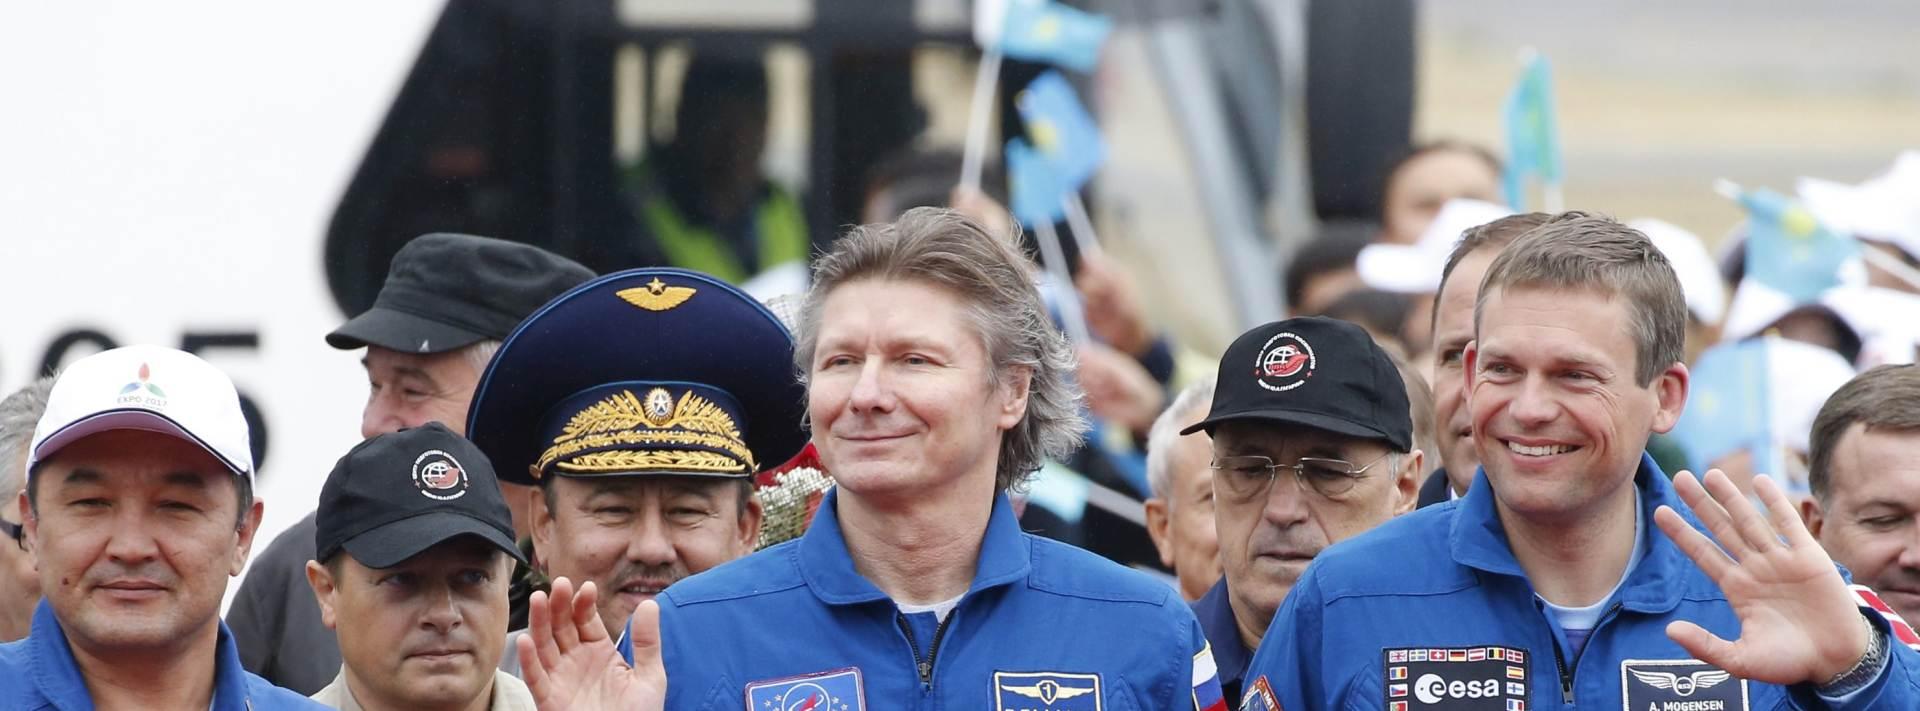 PRVI KAZAHSTANAC U SVEMIRU: Sojuz prizemljio u kazahstansku stepu